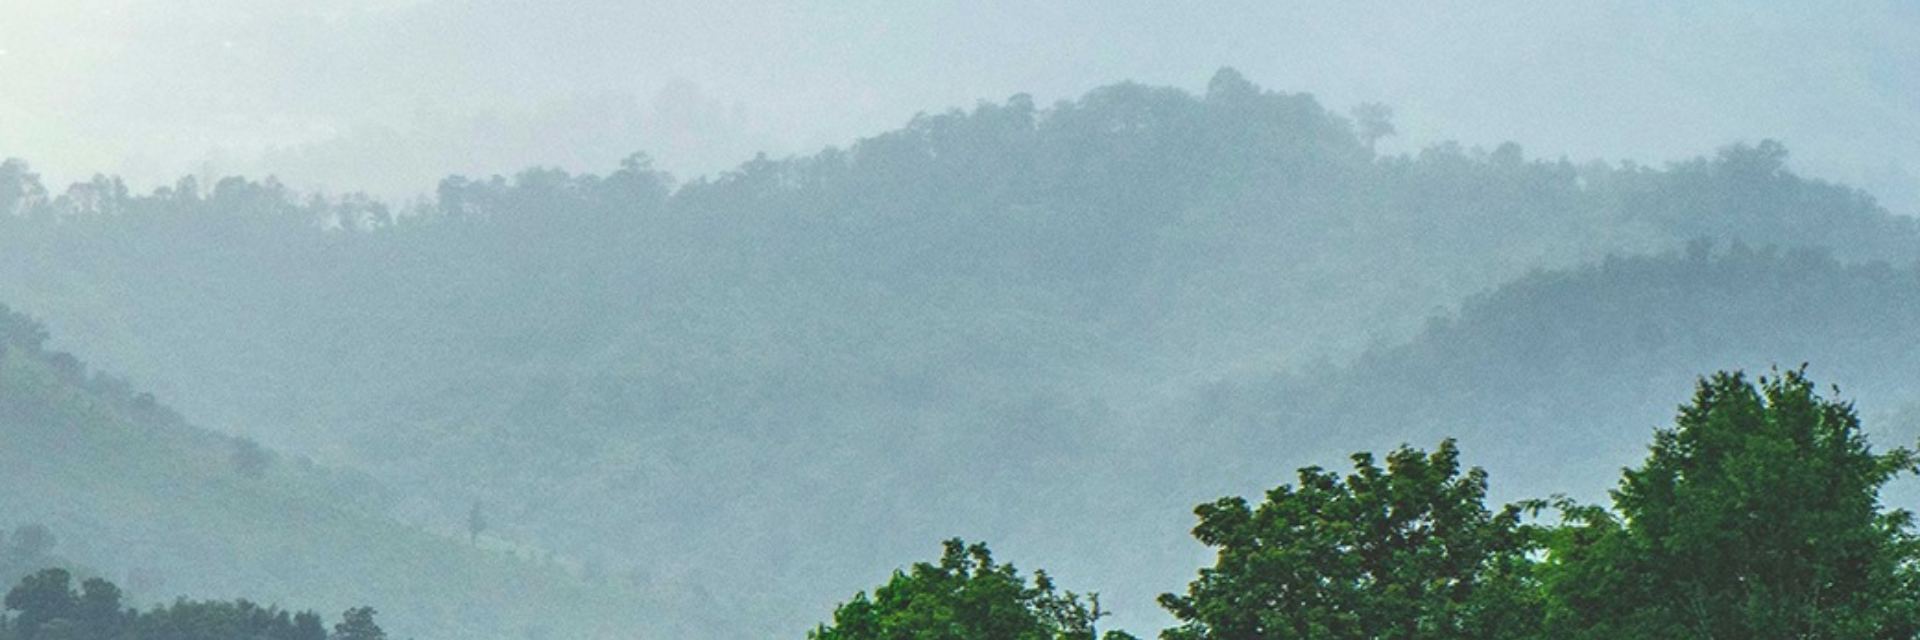 จุดชมทะเลหมอกในฤดูฝนที่เดินทางง่ายสะดวกสบายที่สุดจุดหนึ่ง